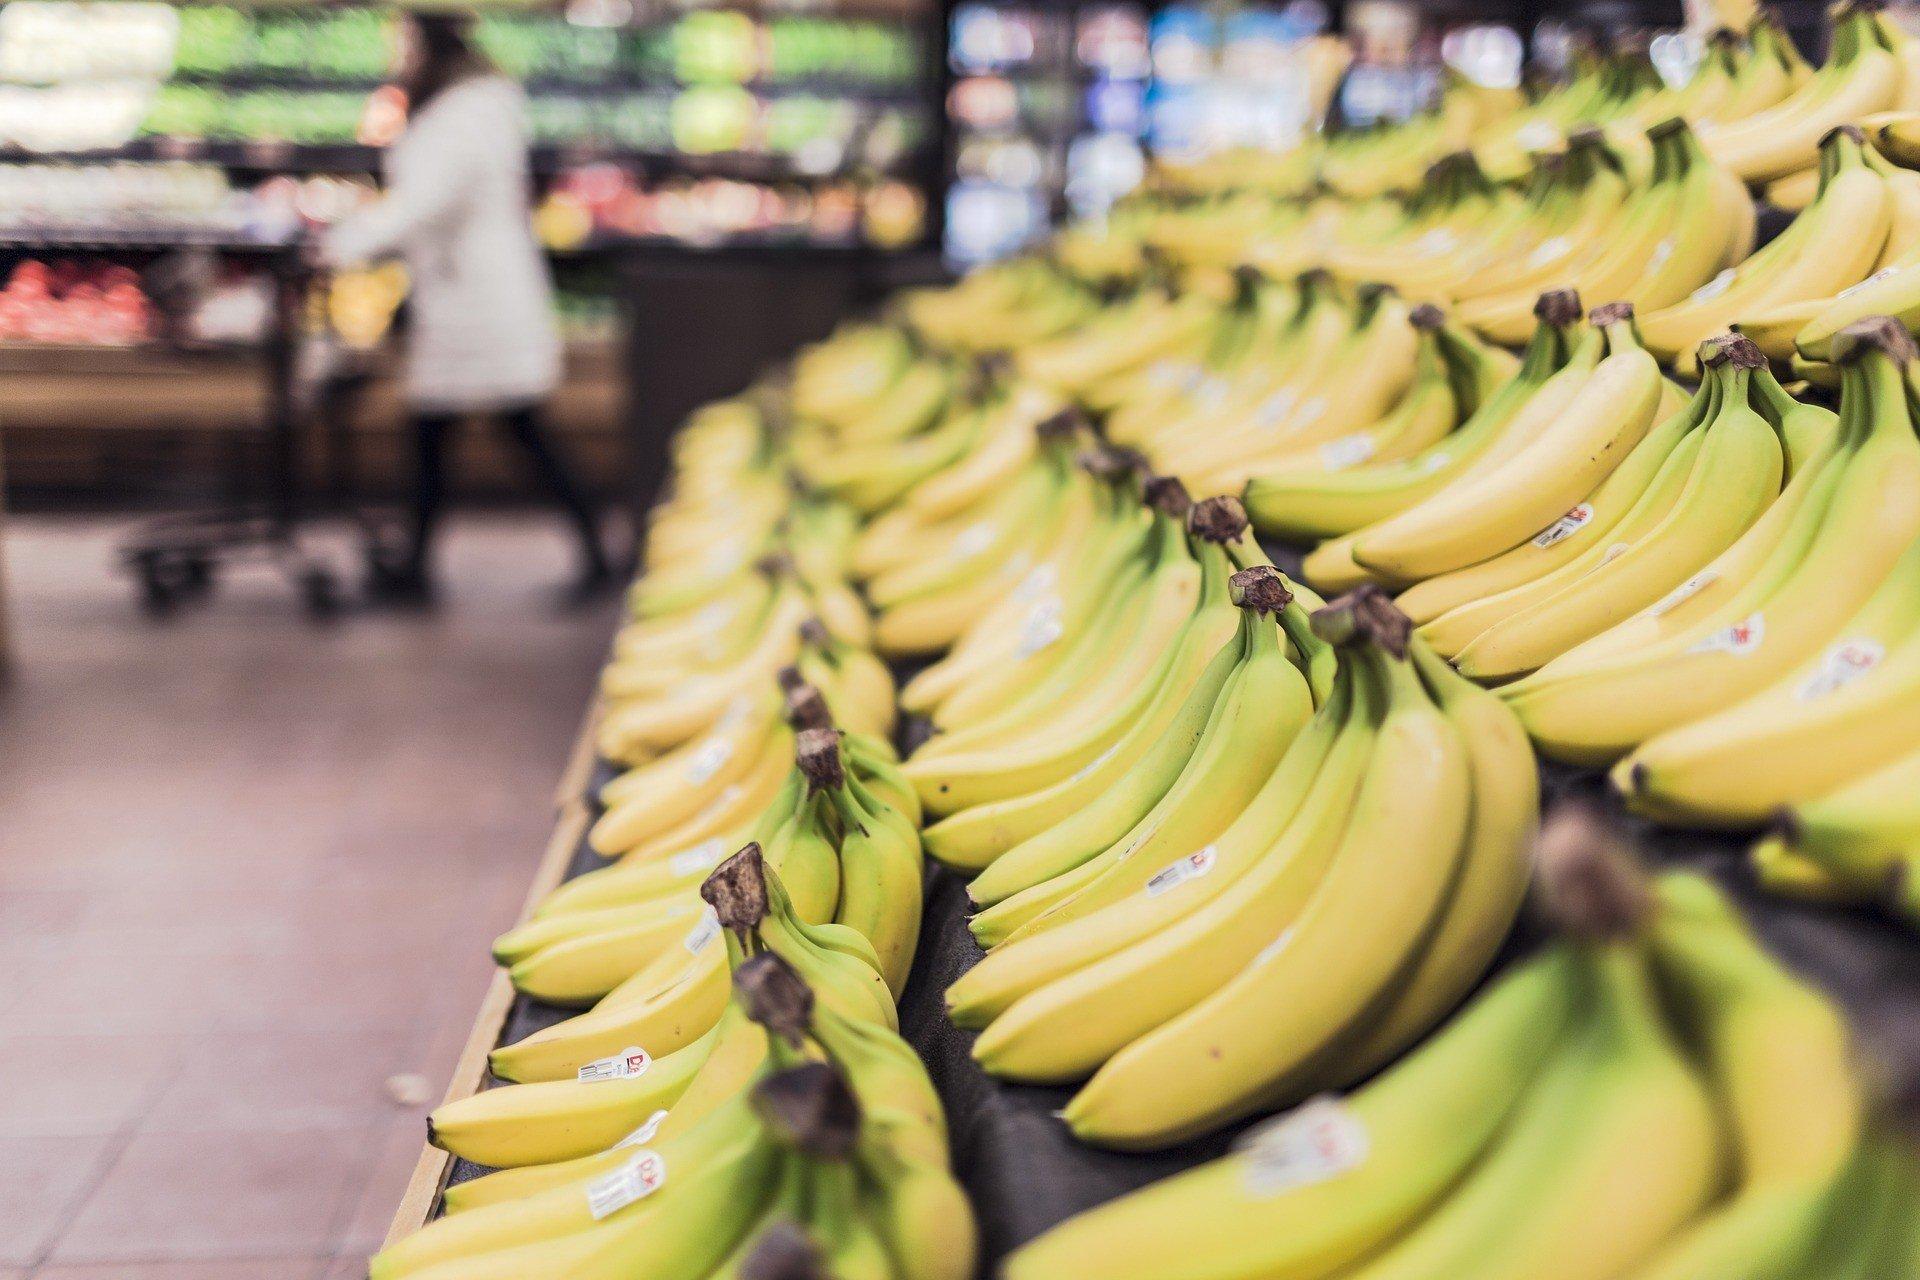 Супермаркеты на локдауне могут продавать любые товары